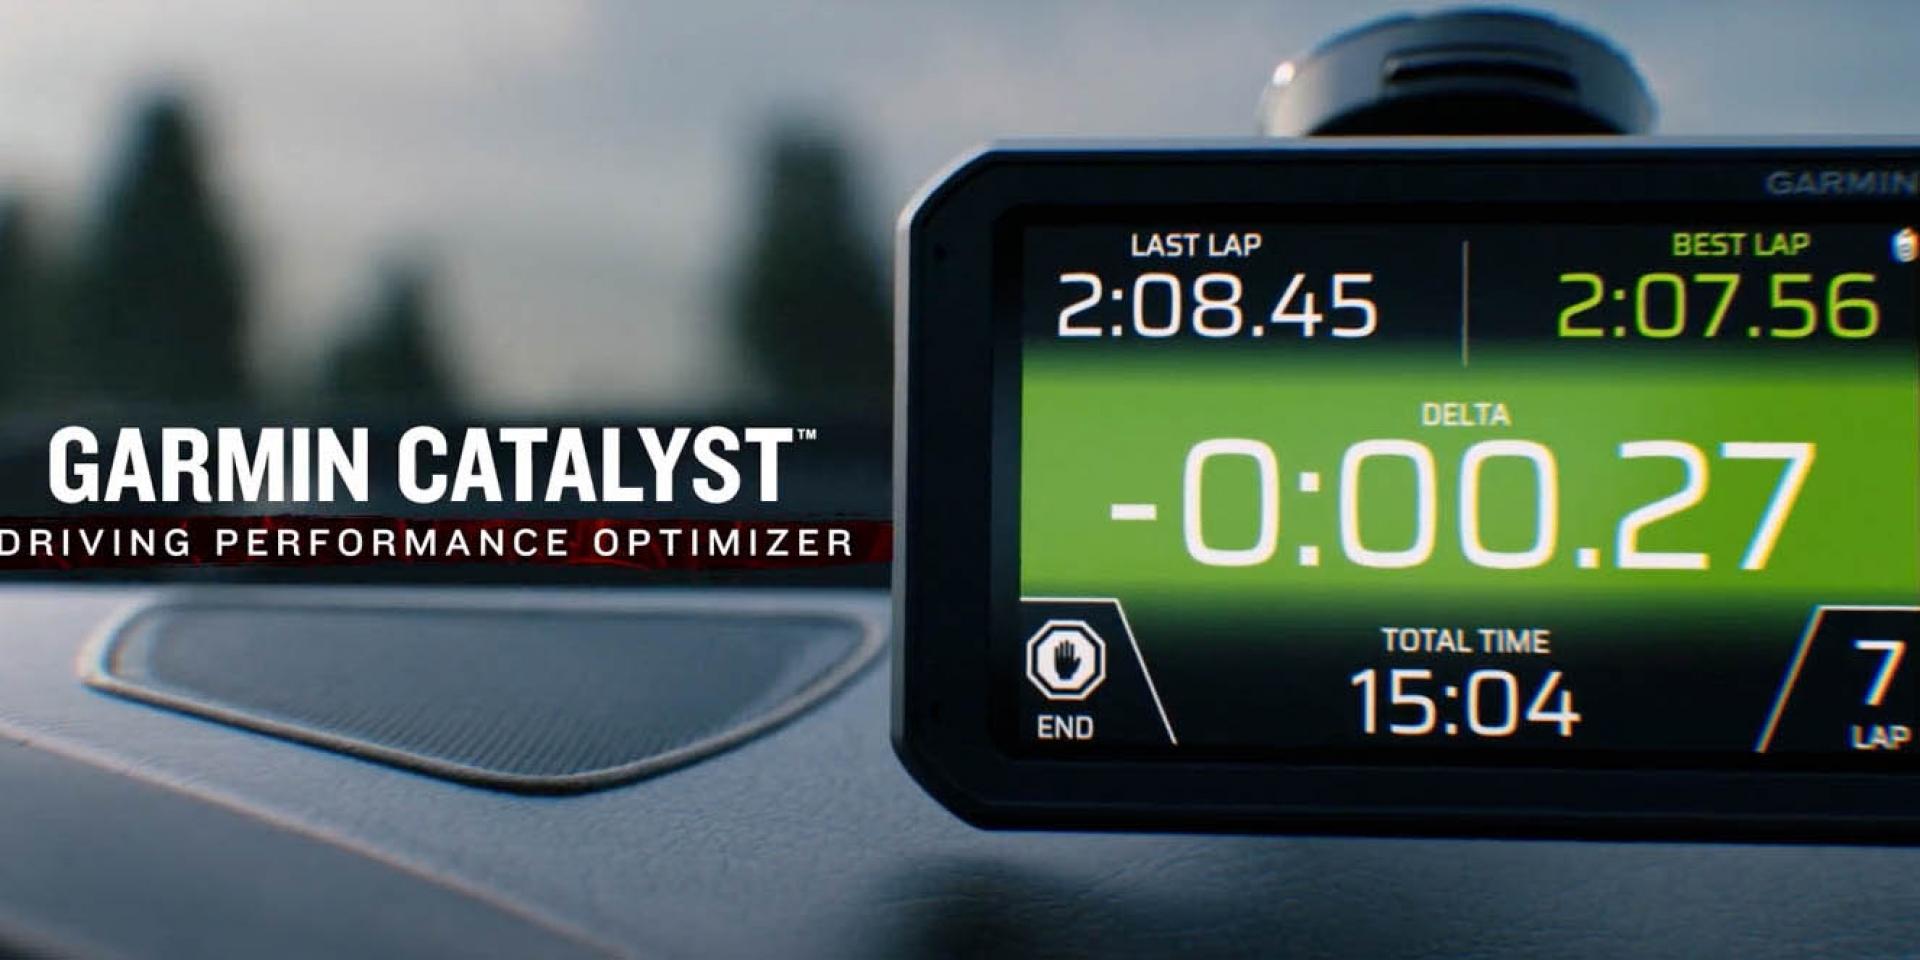 會教你開車的Garmin?GPS大廠Garmin推出賽車計時器